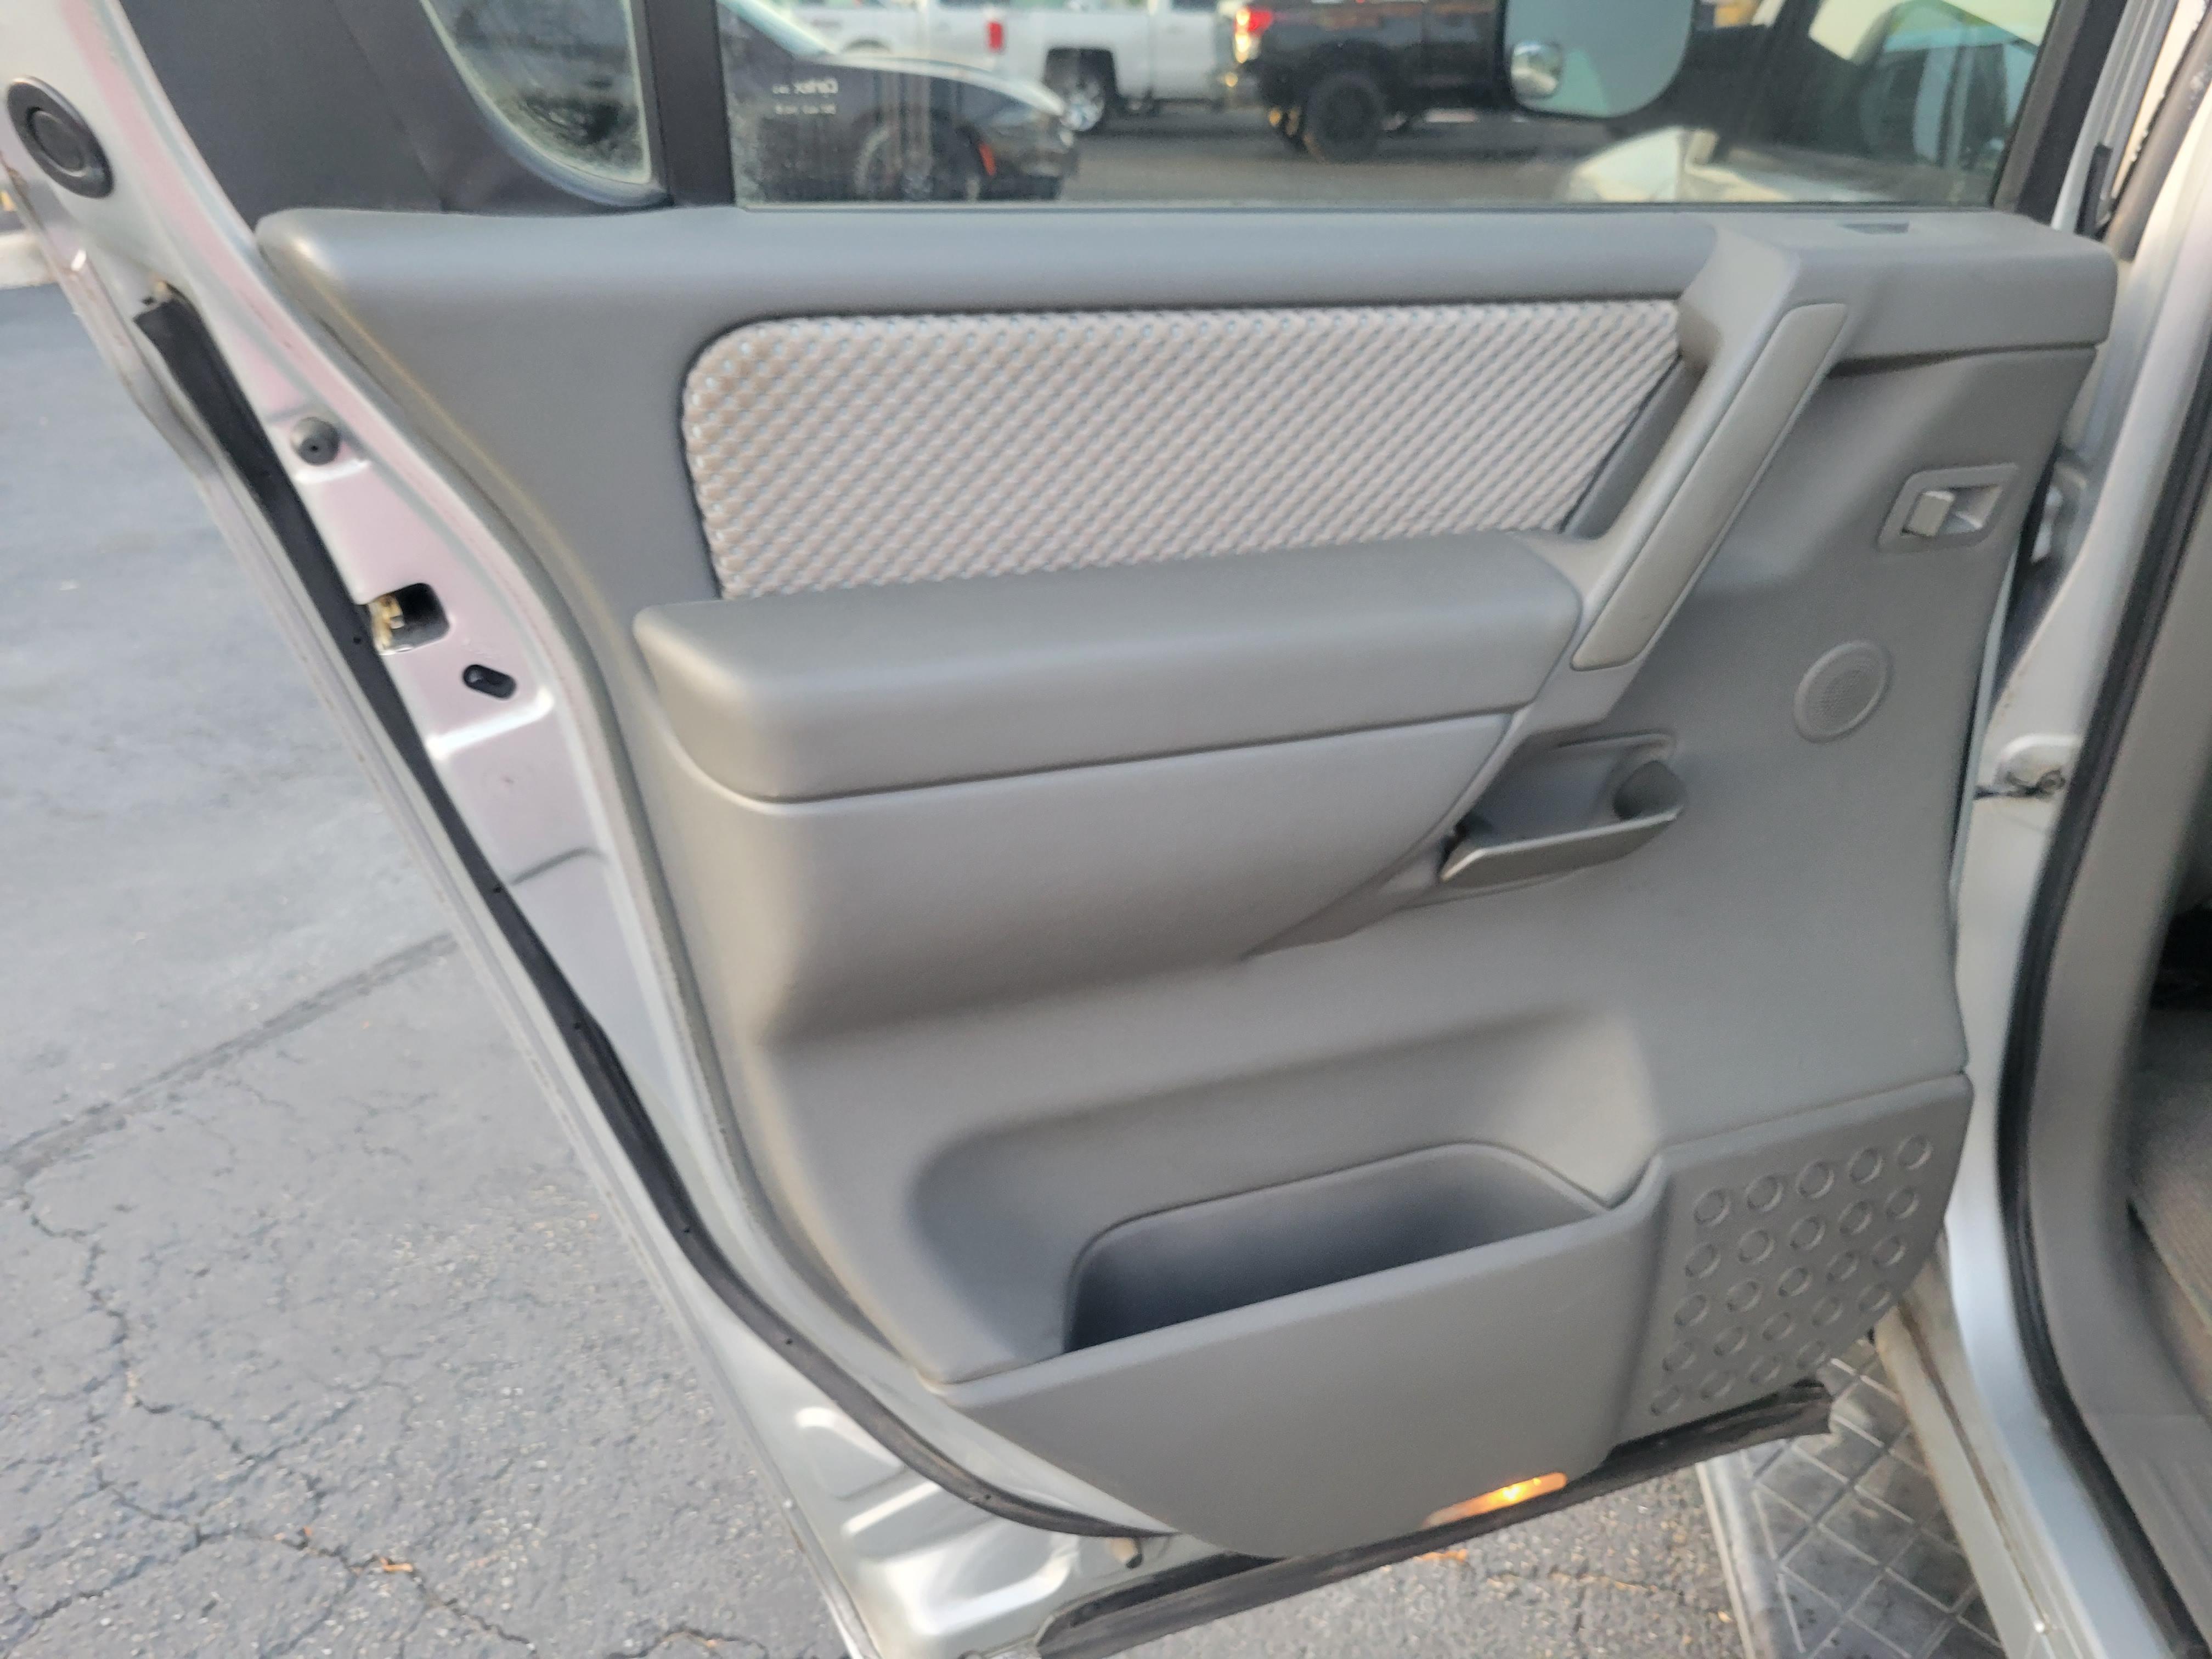 used vehicle - SUV NISSAN ARMADA 2006